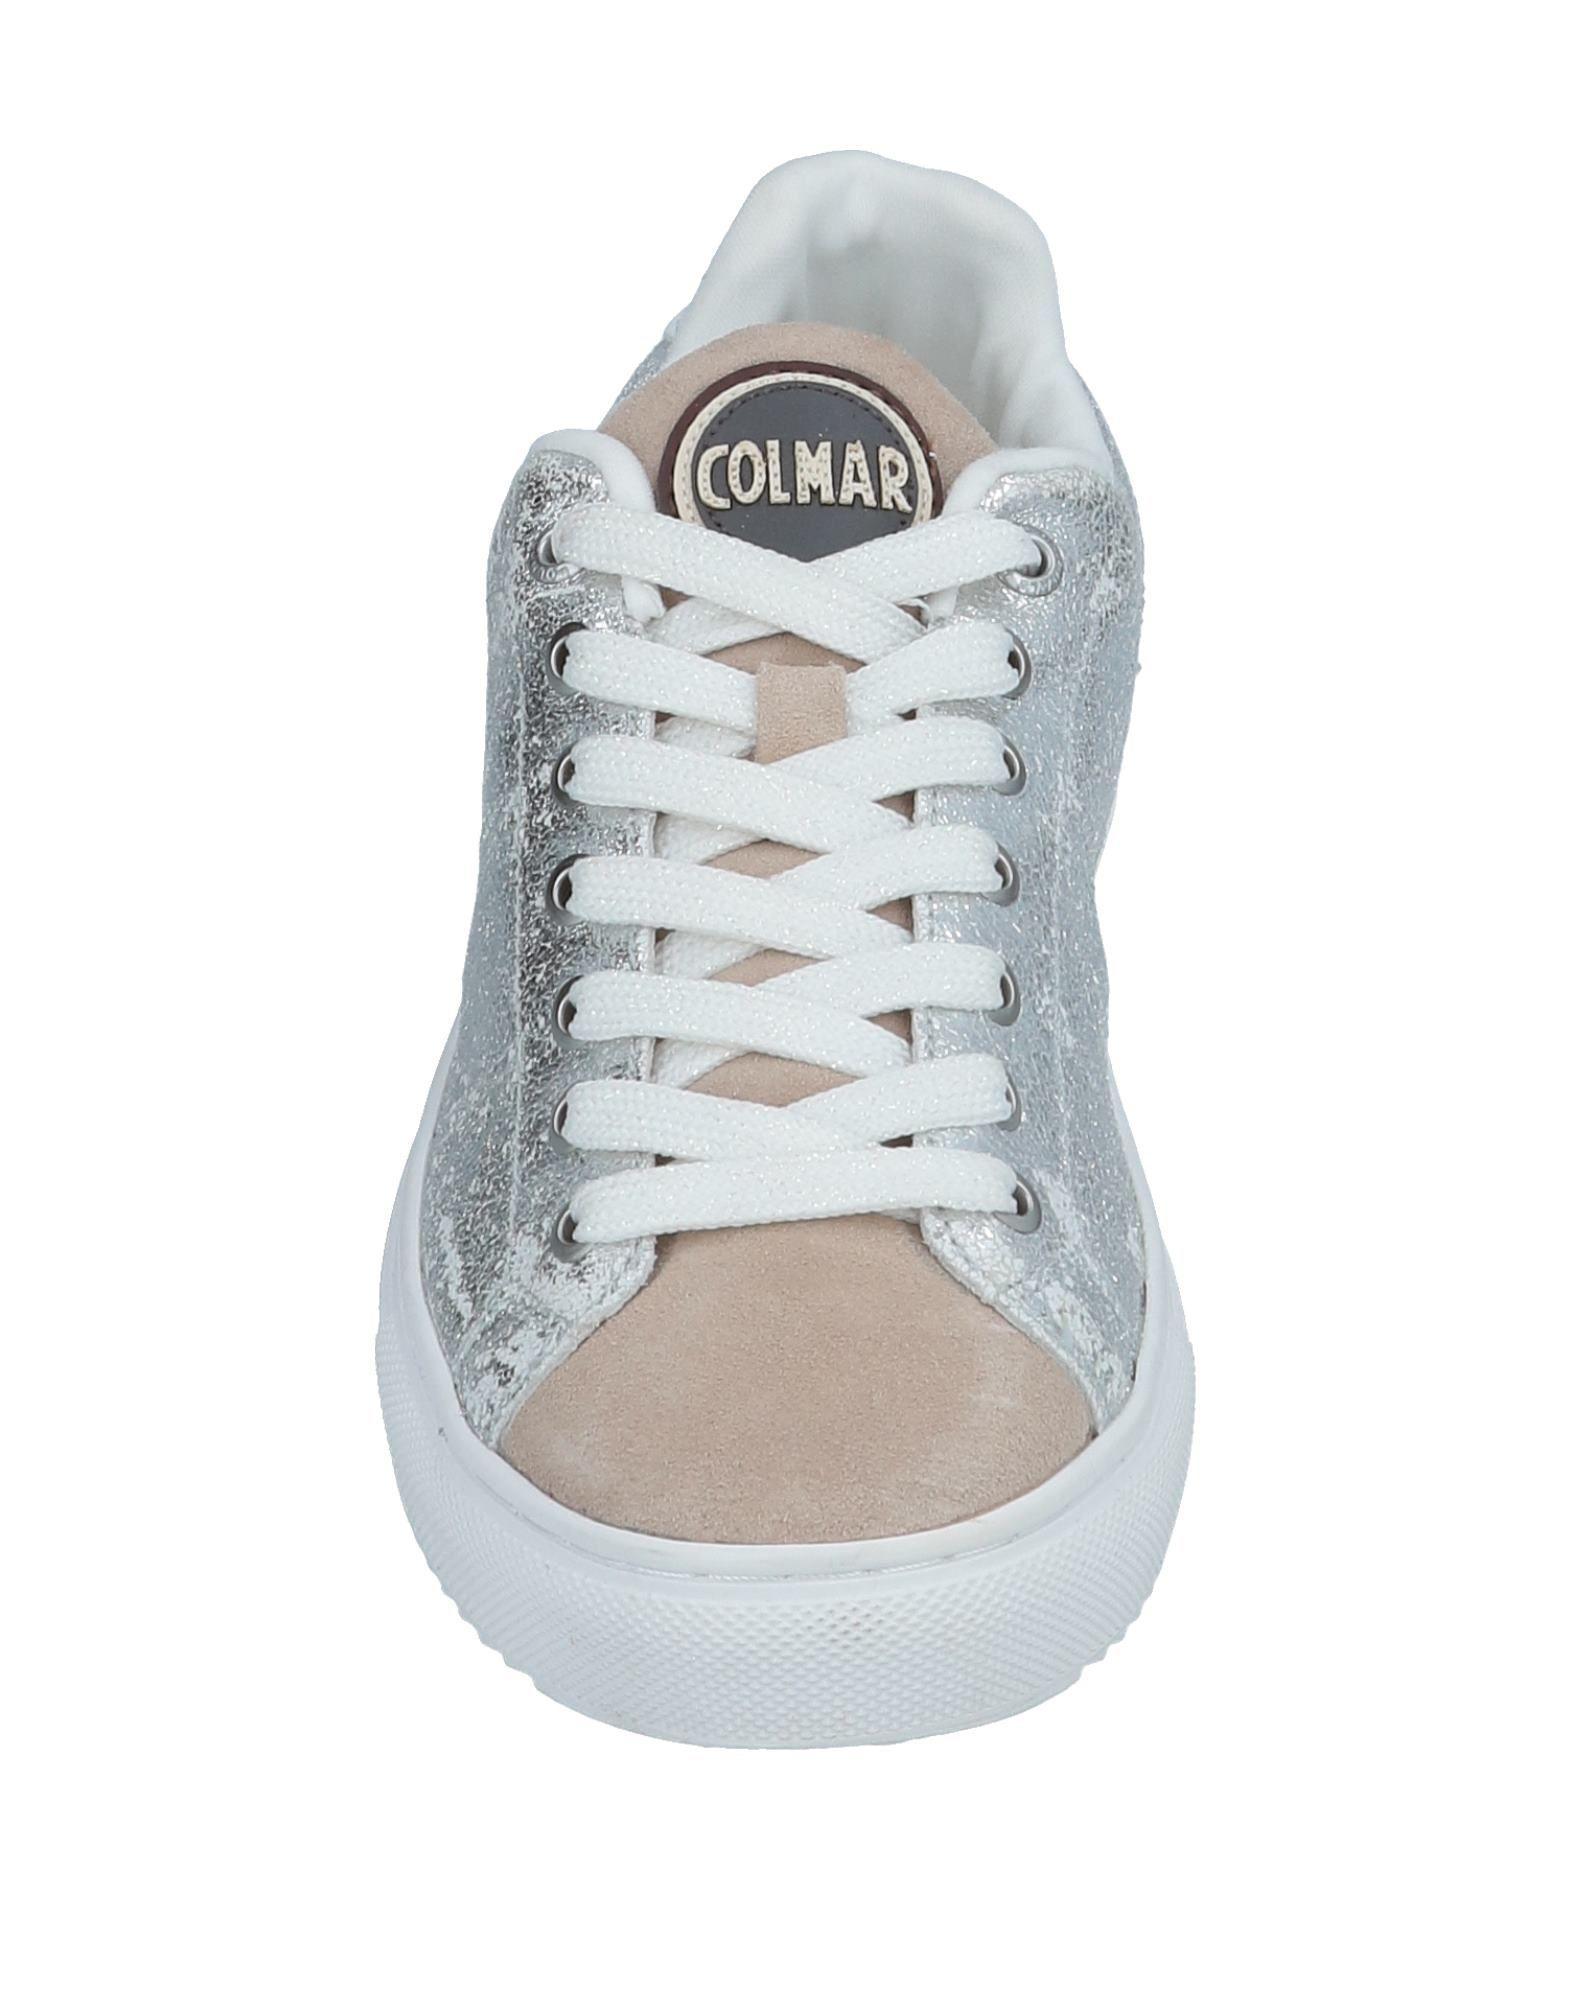 Colmar Rubber Low-tops & Sneakers in Silver (Metallic)